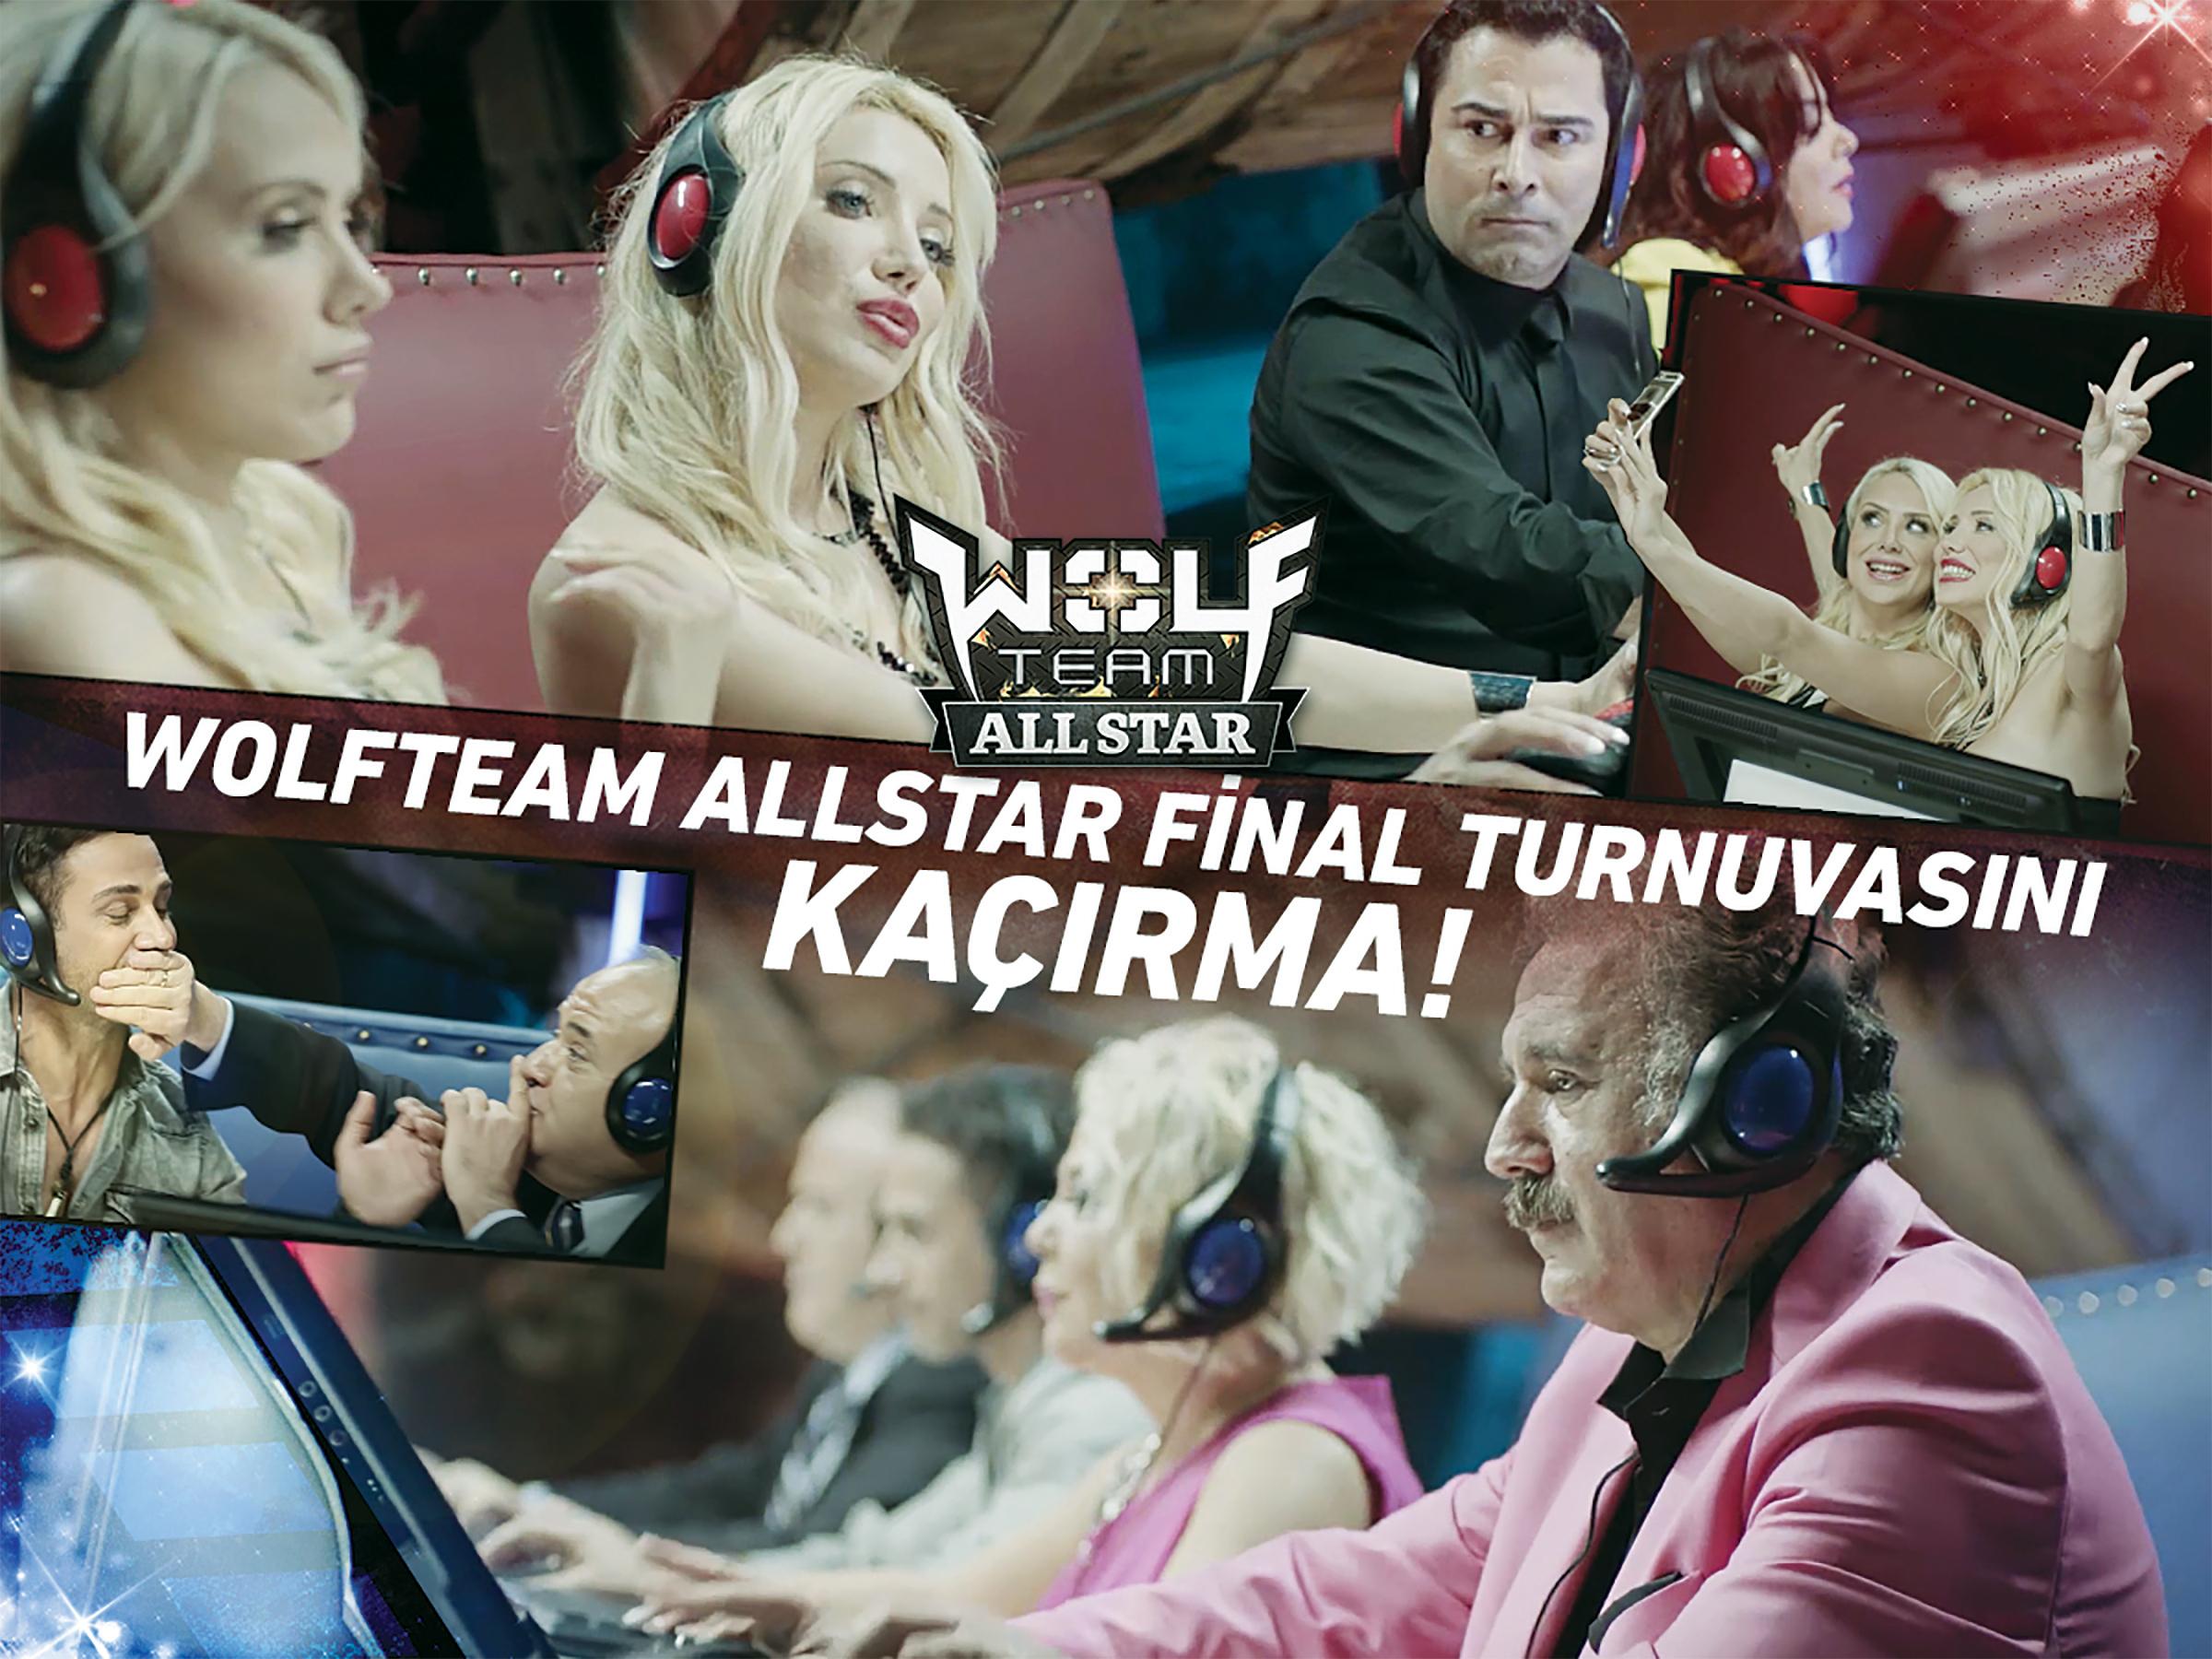 Yılın Karşılaşmasında Wolfteam All Star'ın Kazananı Belli Oldu